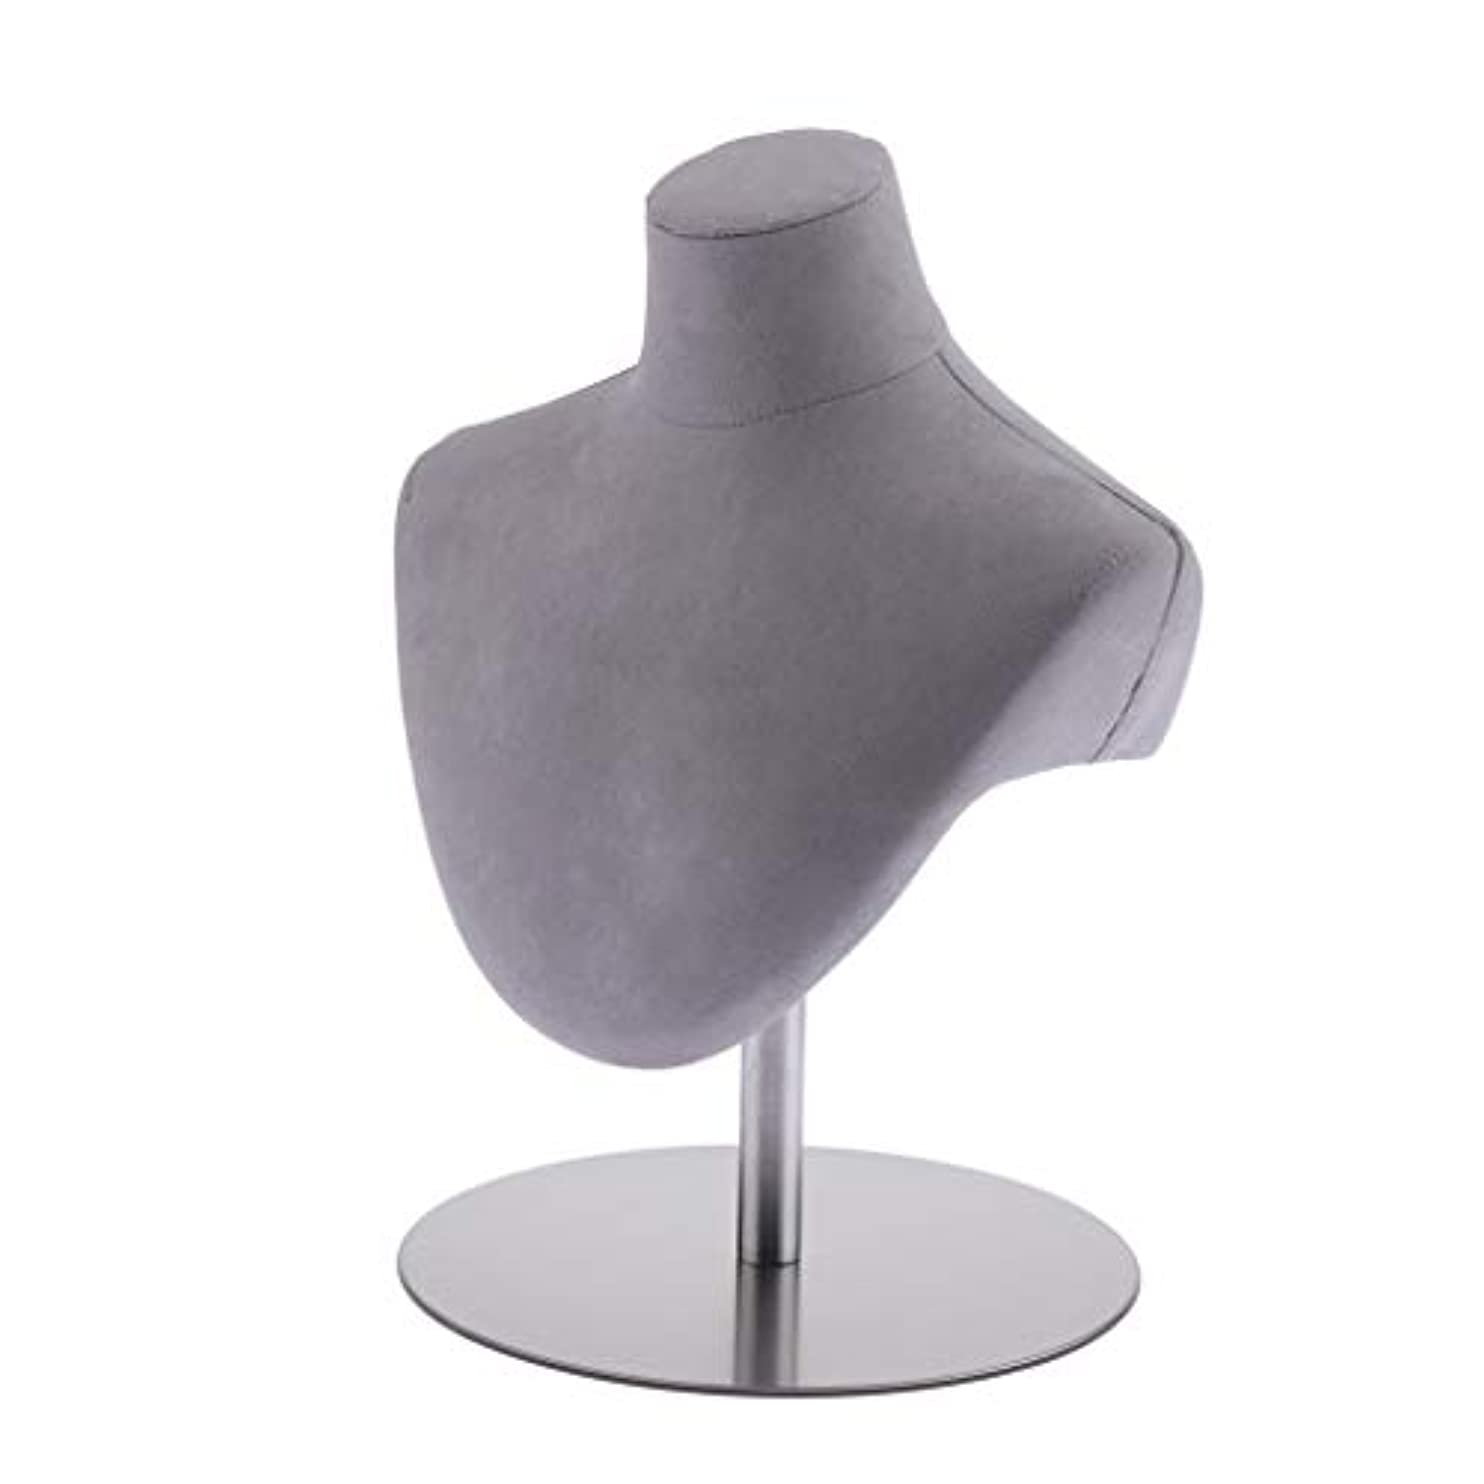 ますます本部鼻SM SunniMix ネックレス スカーフ ジュエリー ペンダント ディスプレイ スタンド 展示 ディスプレイバスト モデル